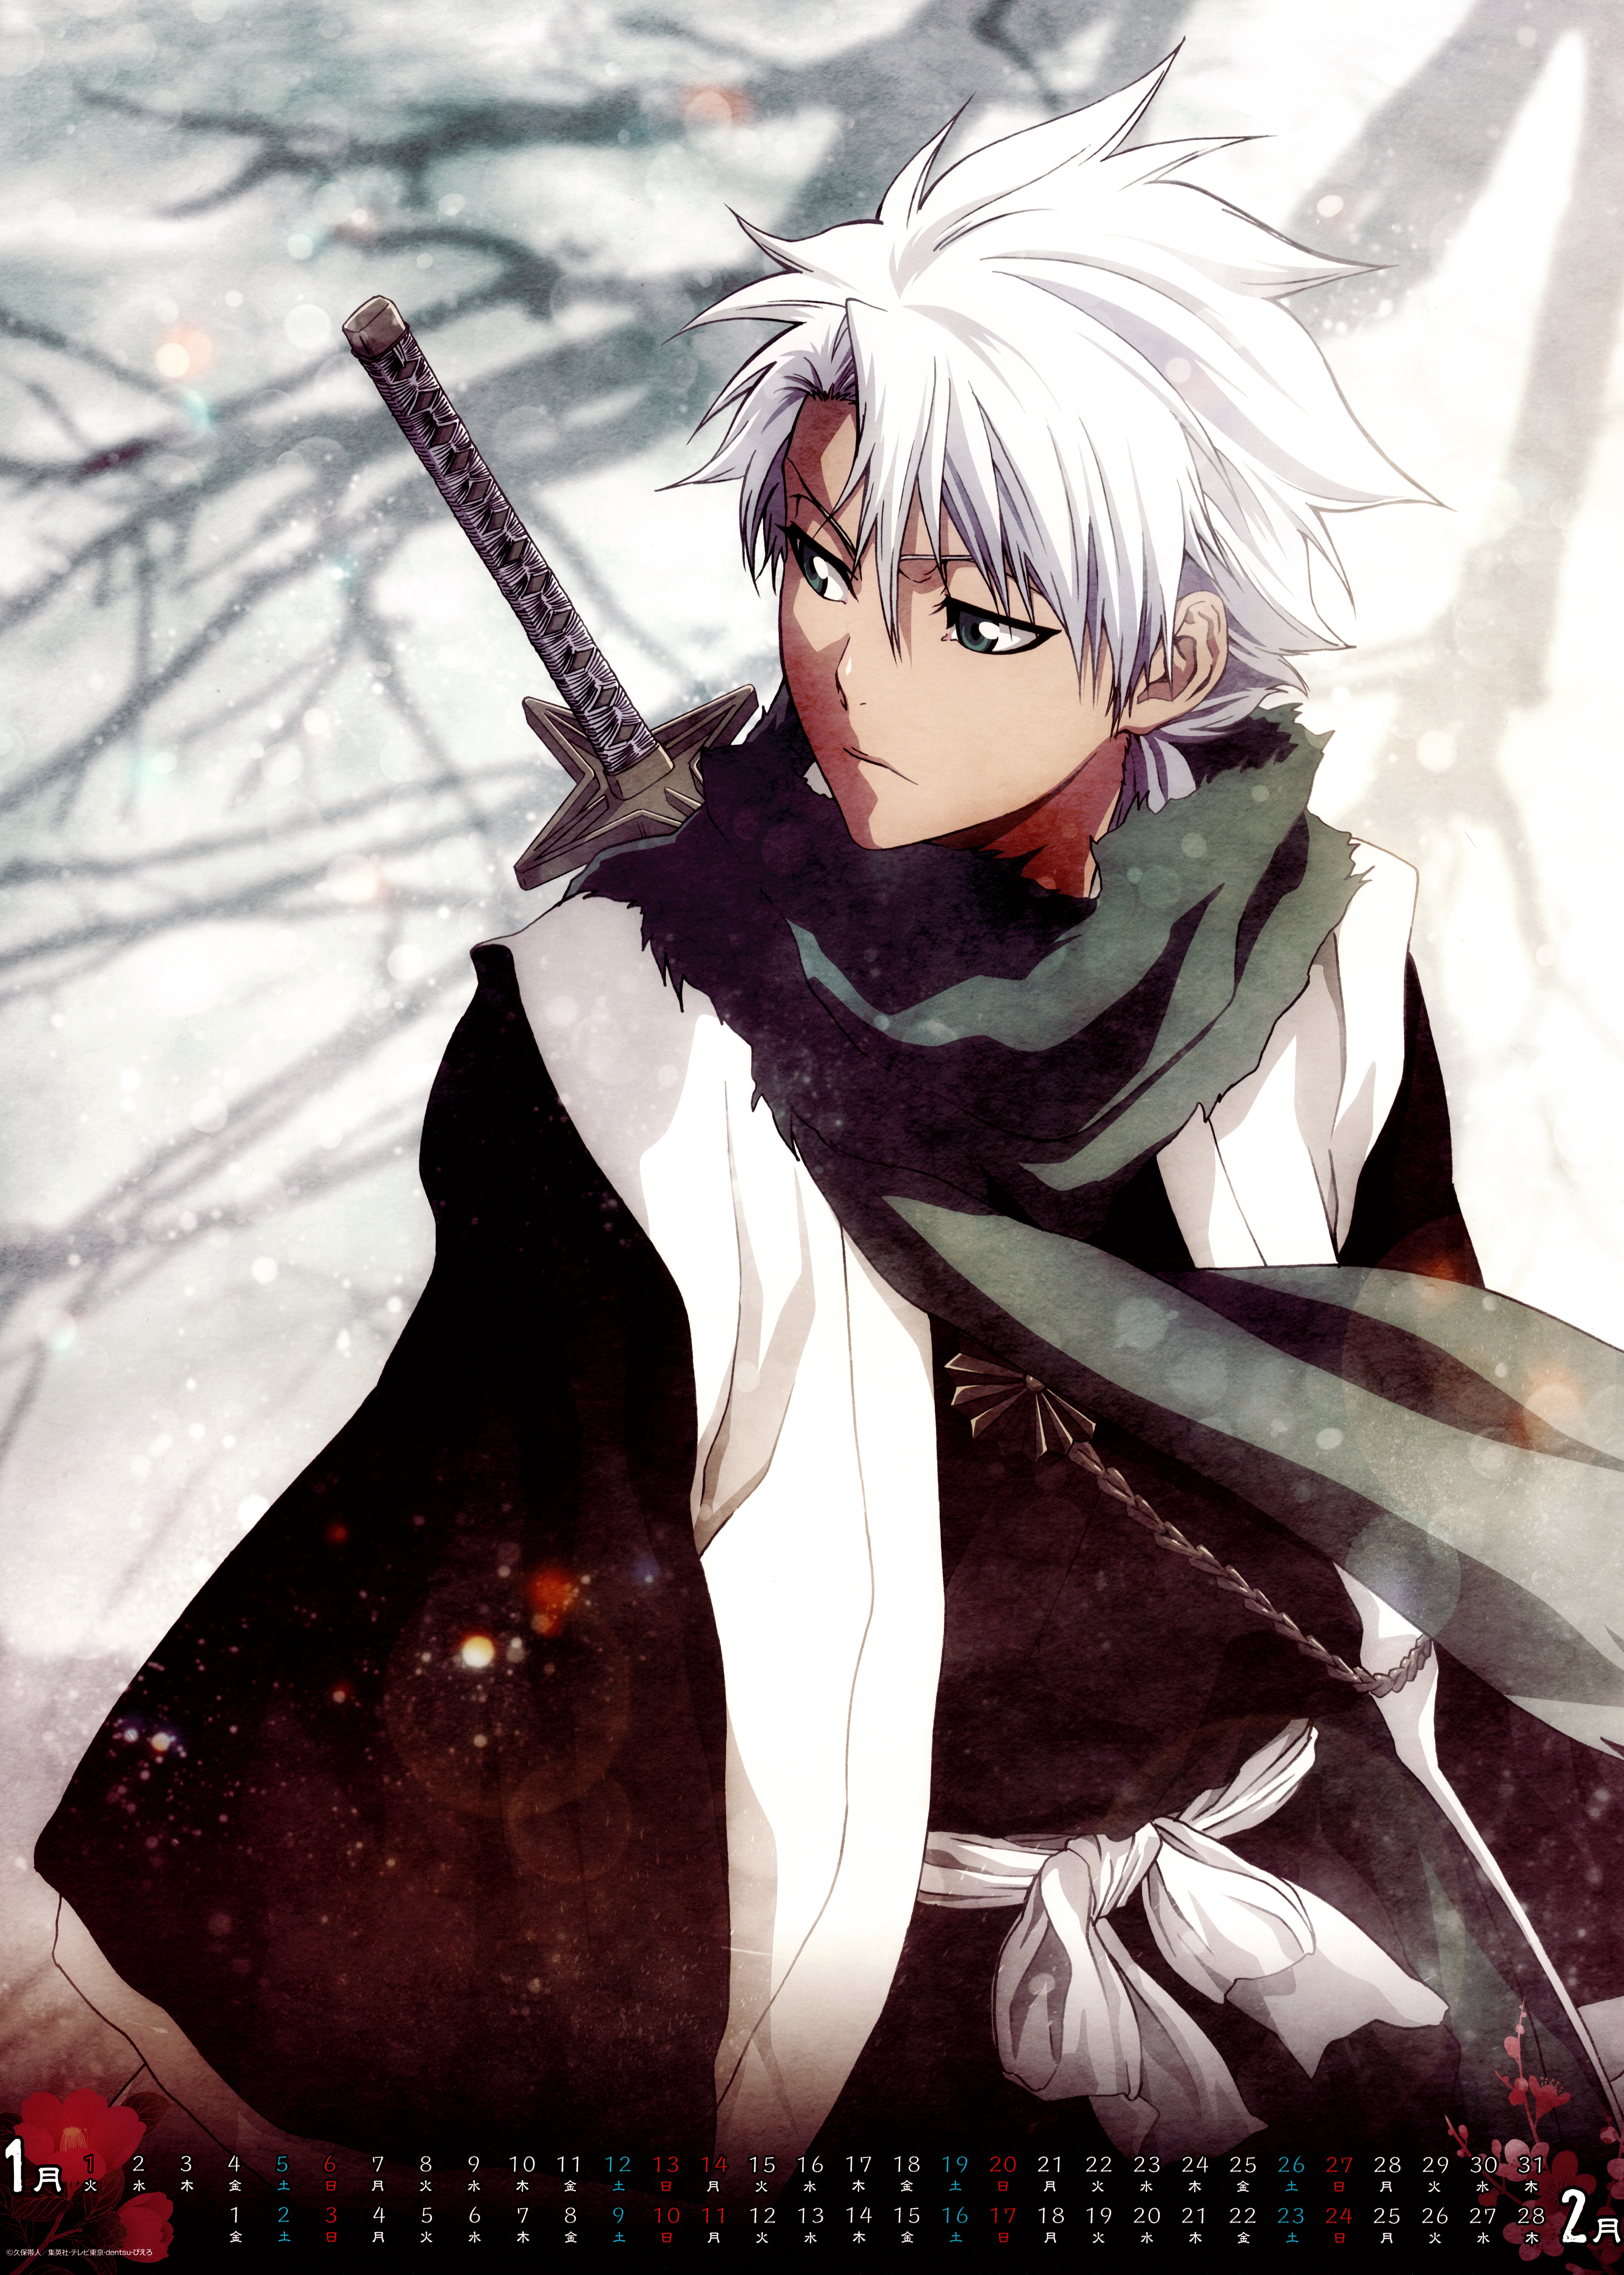 Hitsu A Toushirou BLEACH Zerochan Anime Image Board